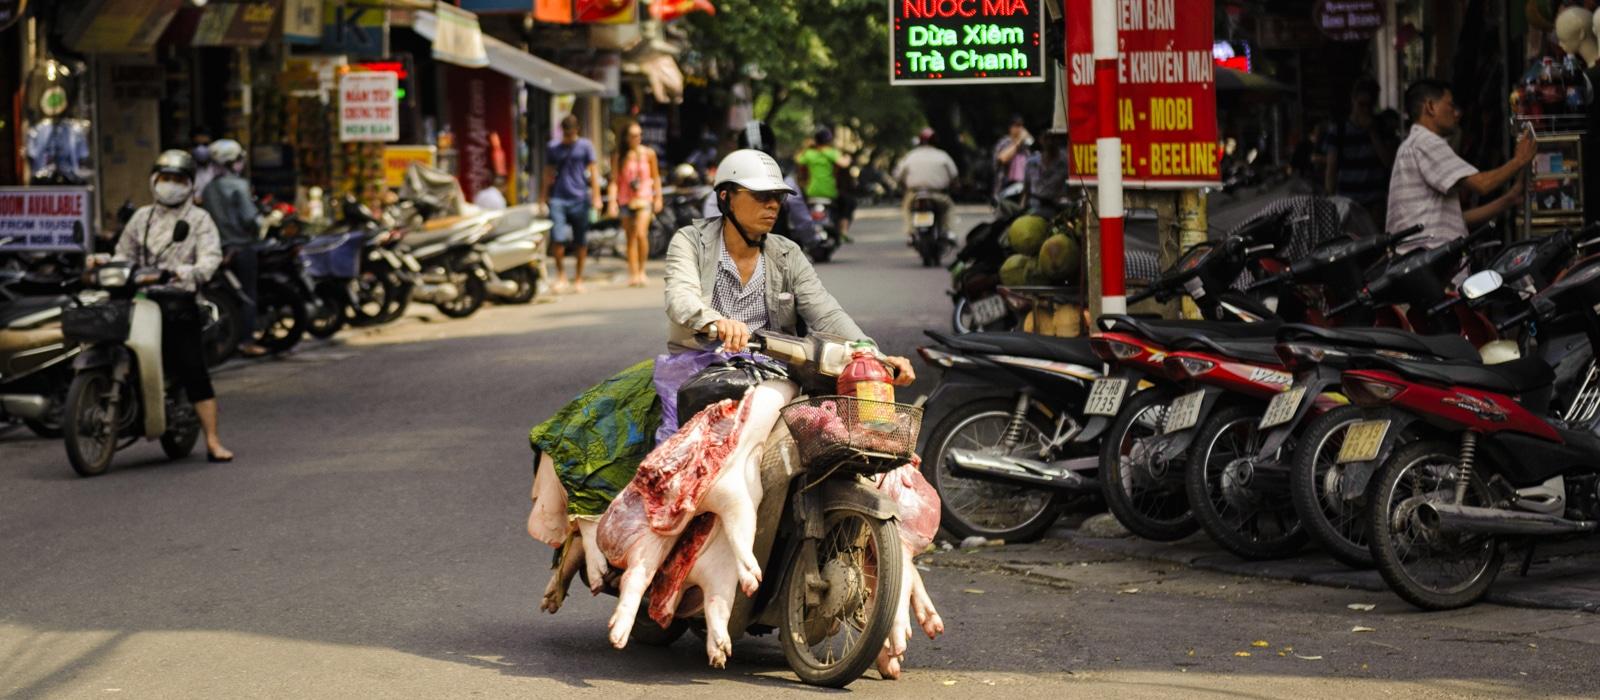 img-diapo-entete - Vietnam-1600x700-10.jpg